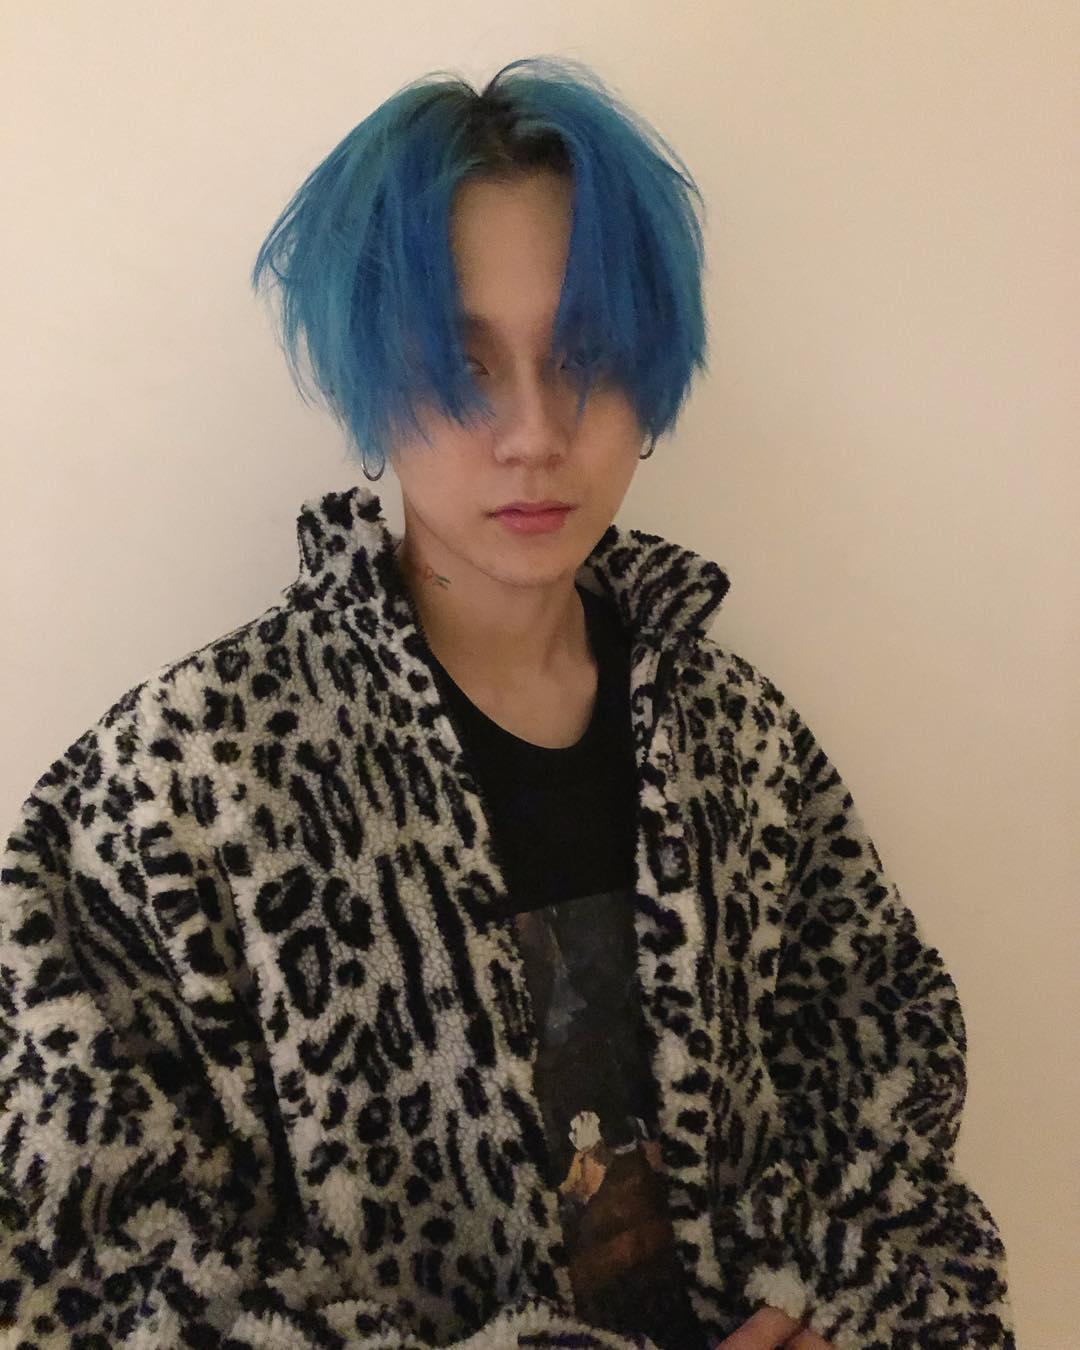 同樣也染了這個顏色的還有E'Dawn,但有沒有發覺兩人風格大不相同?因為這款髮色也很吃氣質與穿搭,如果平常對搭配有所講究的人,那麼不妨挑戰看看呢!特殊色最能帶出的就是氣場,想要成為時尚達人就千萬不要錯過!